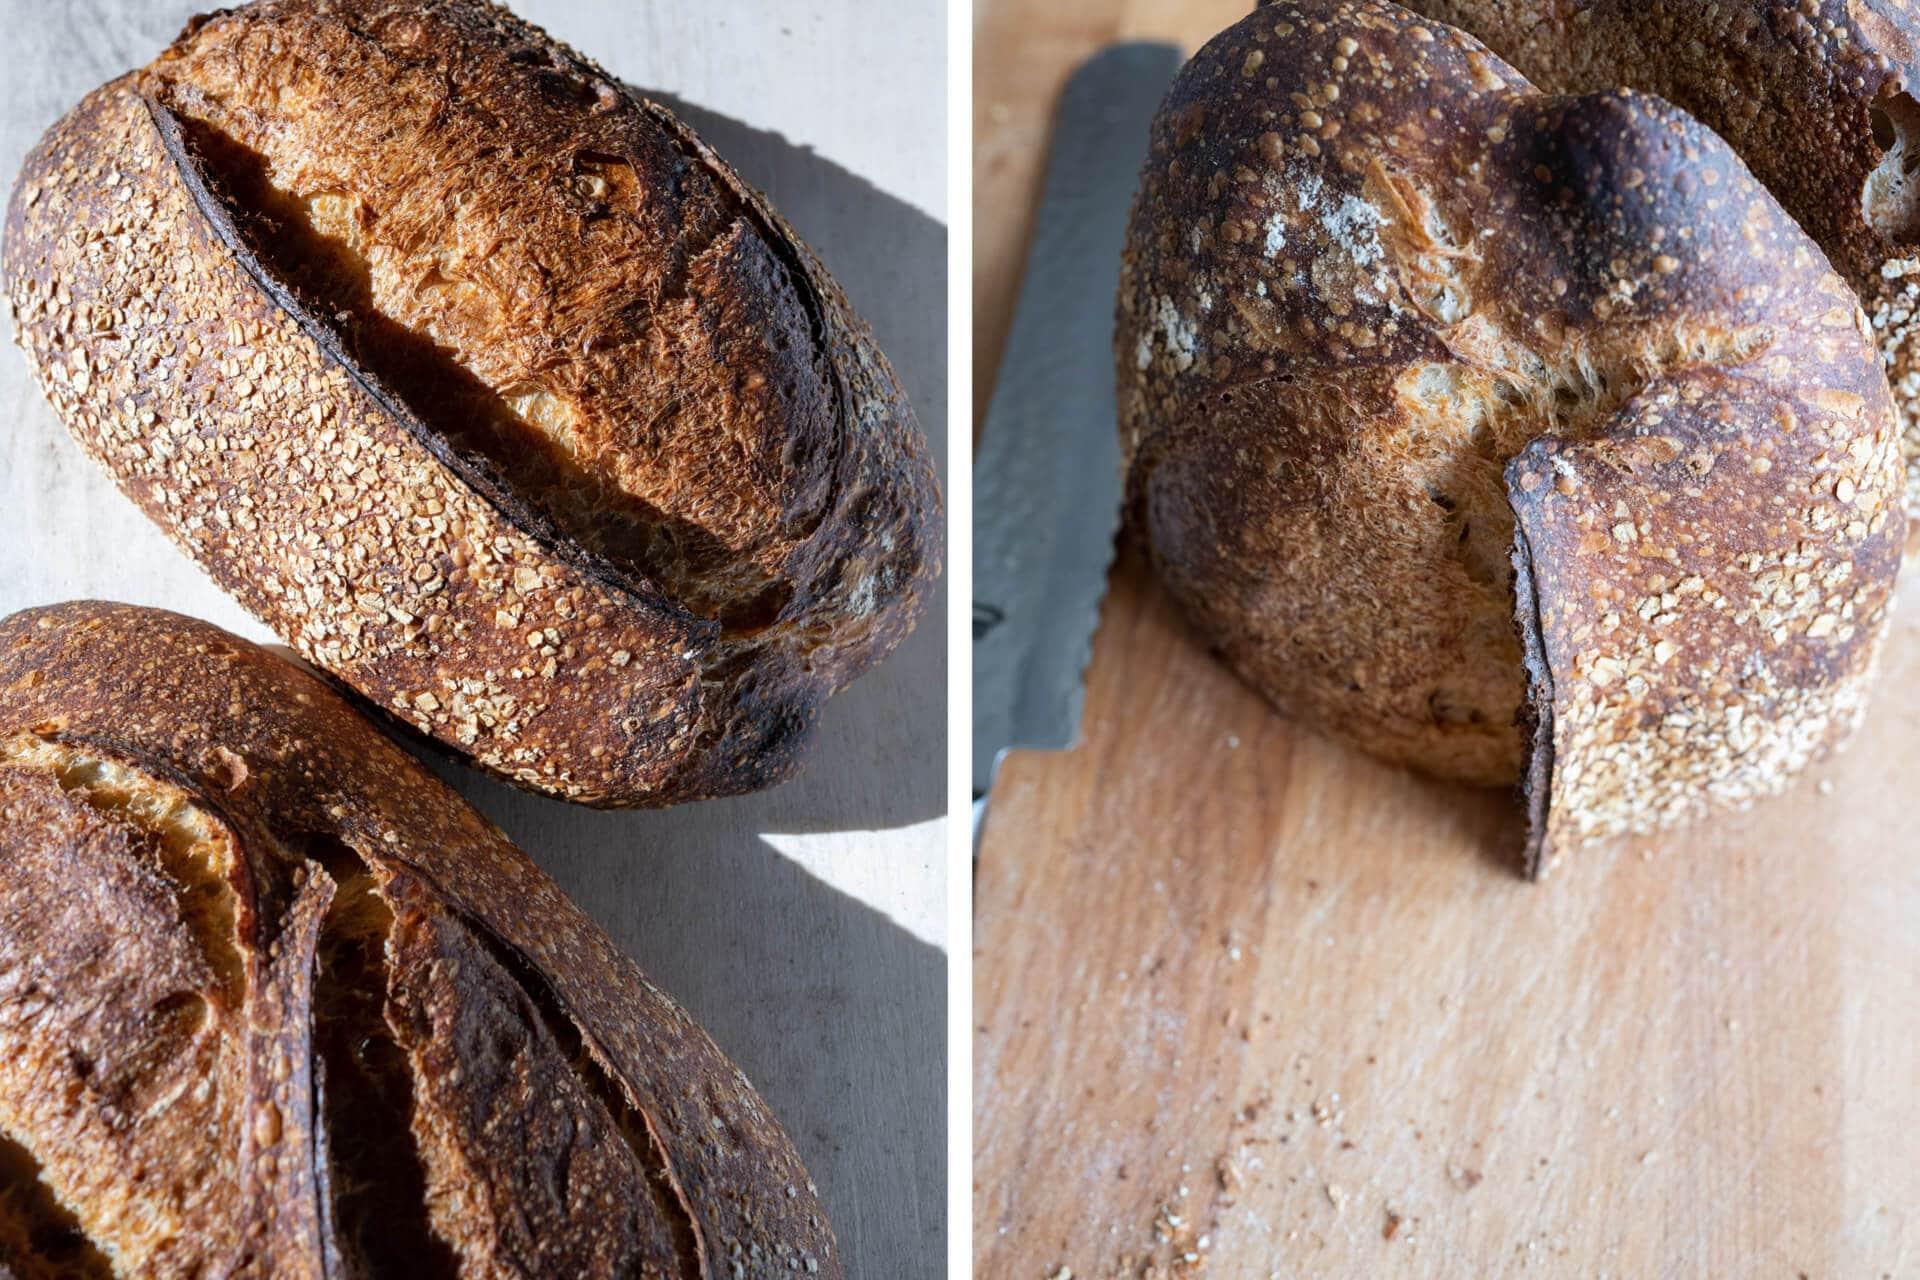 Store bread cut side down